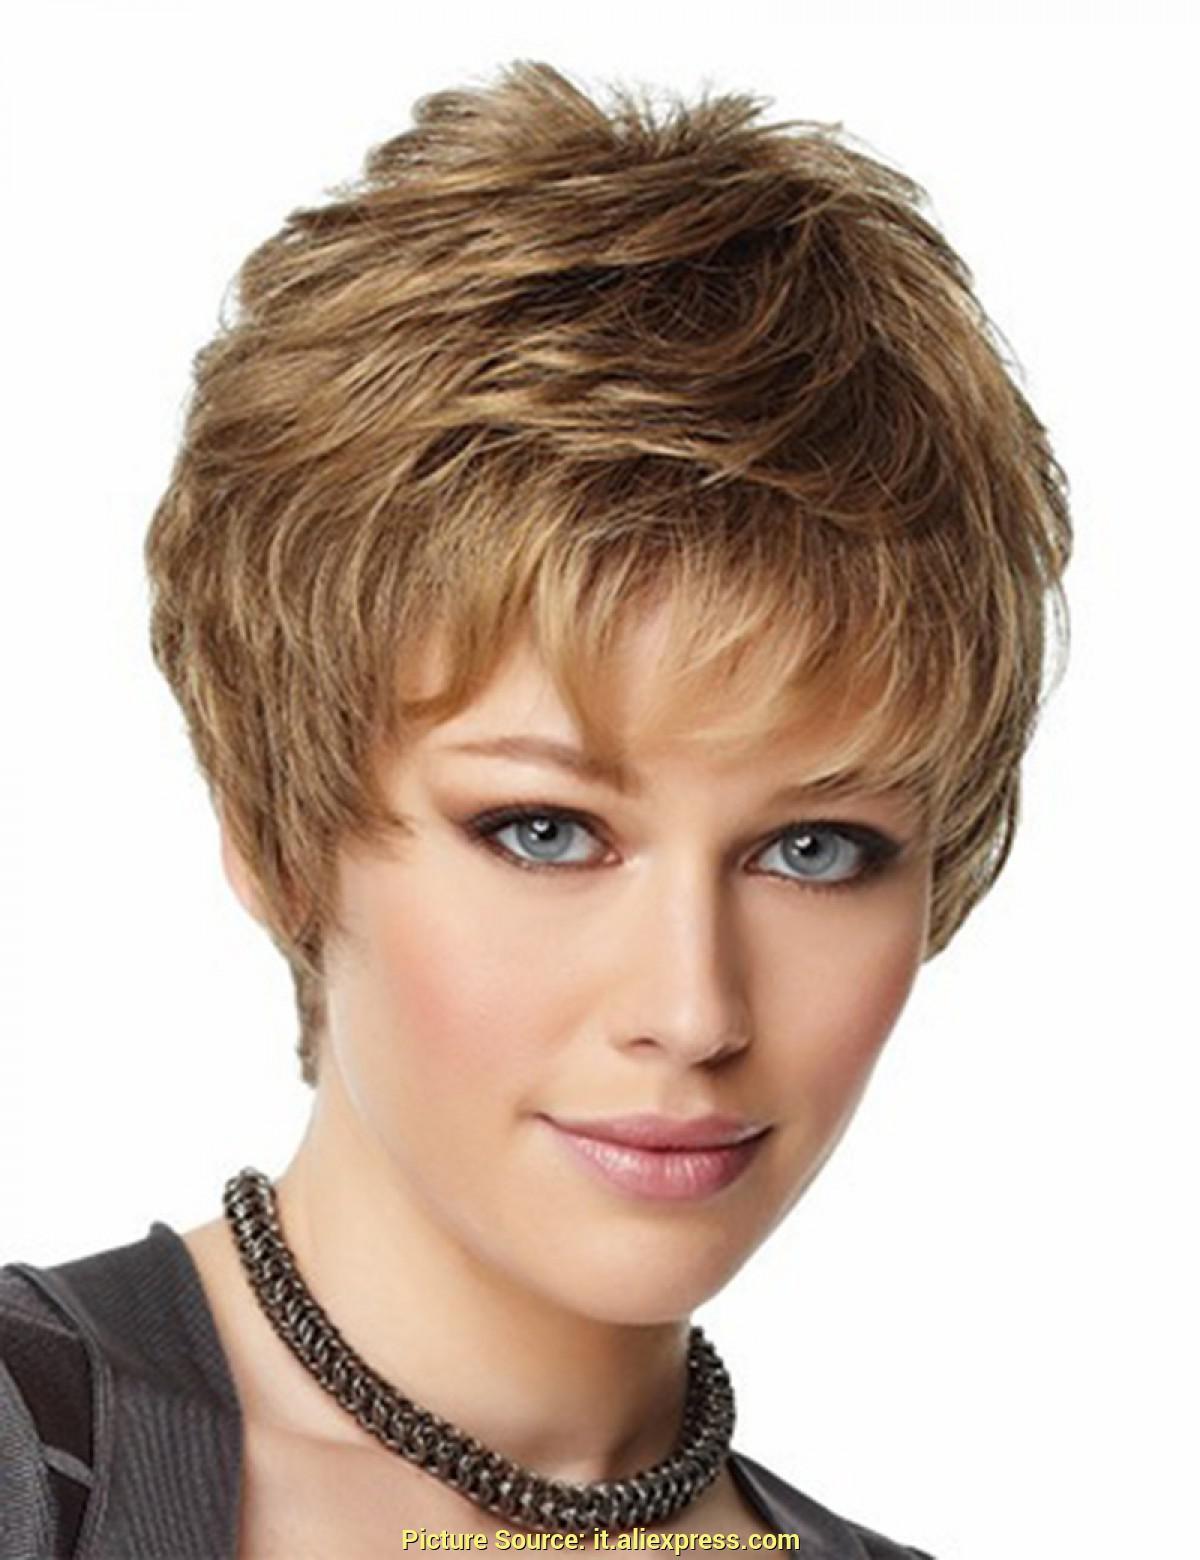 image87-1 | Модные женские стрижки на короткие волосы: основные правила и варианты исполнения